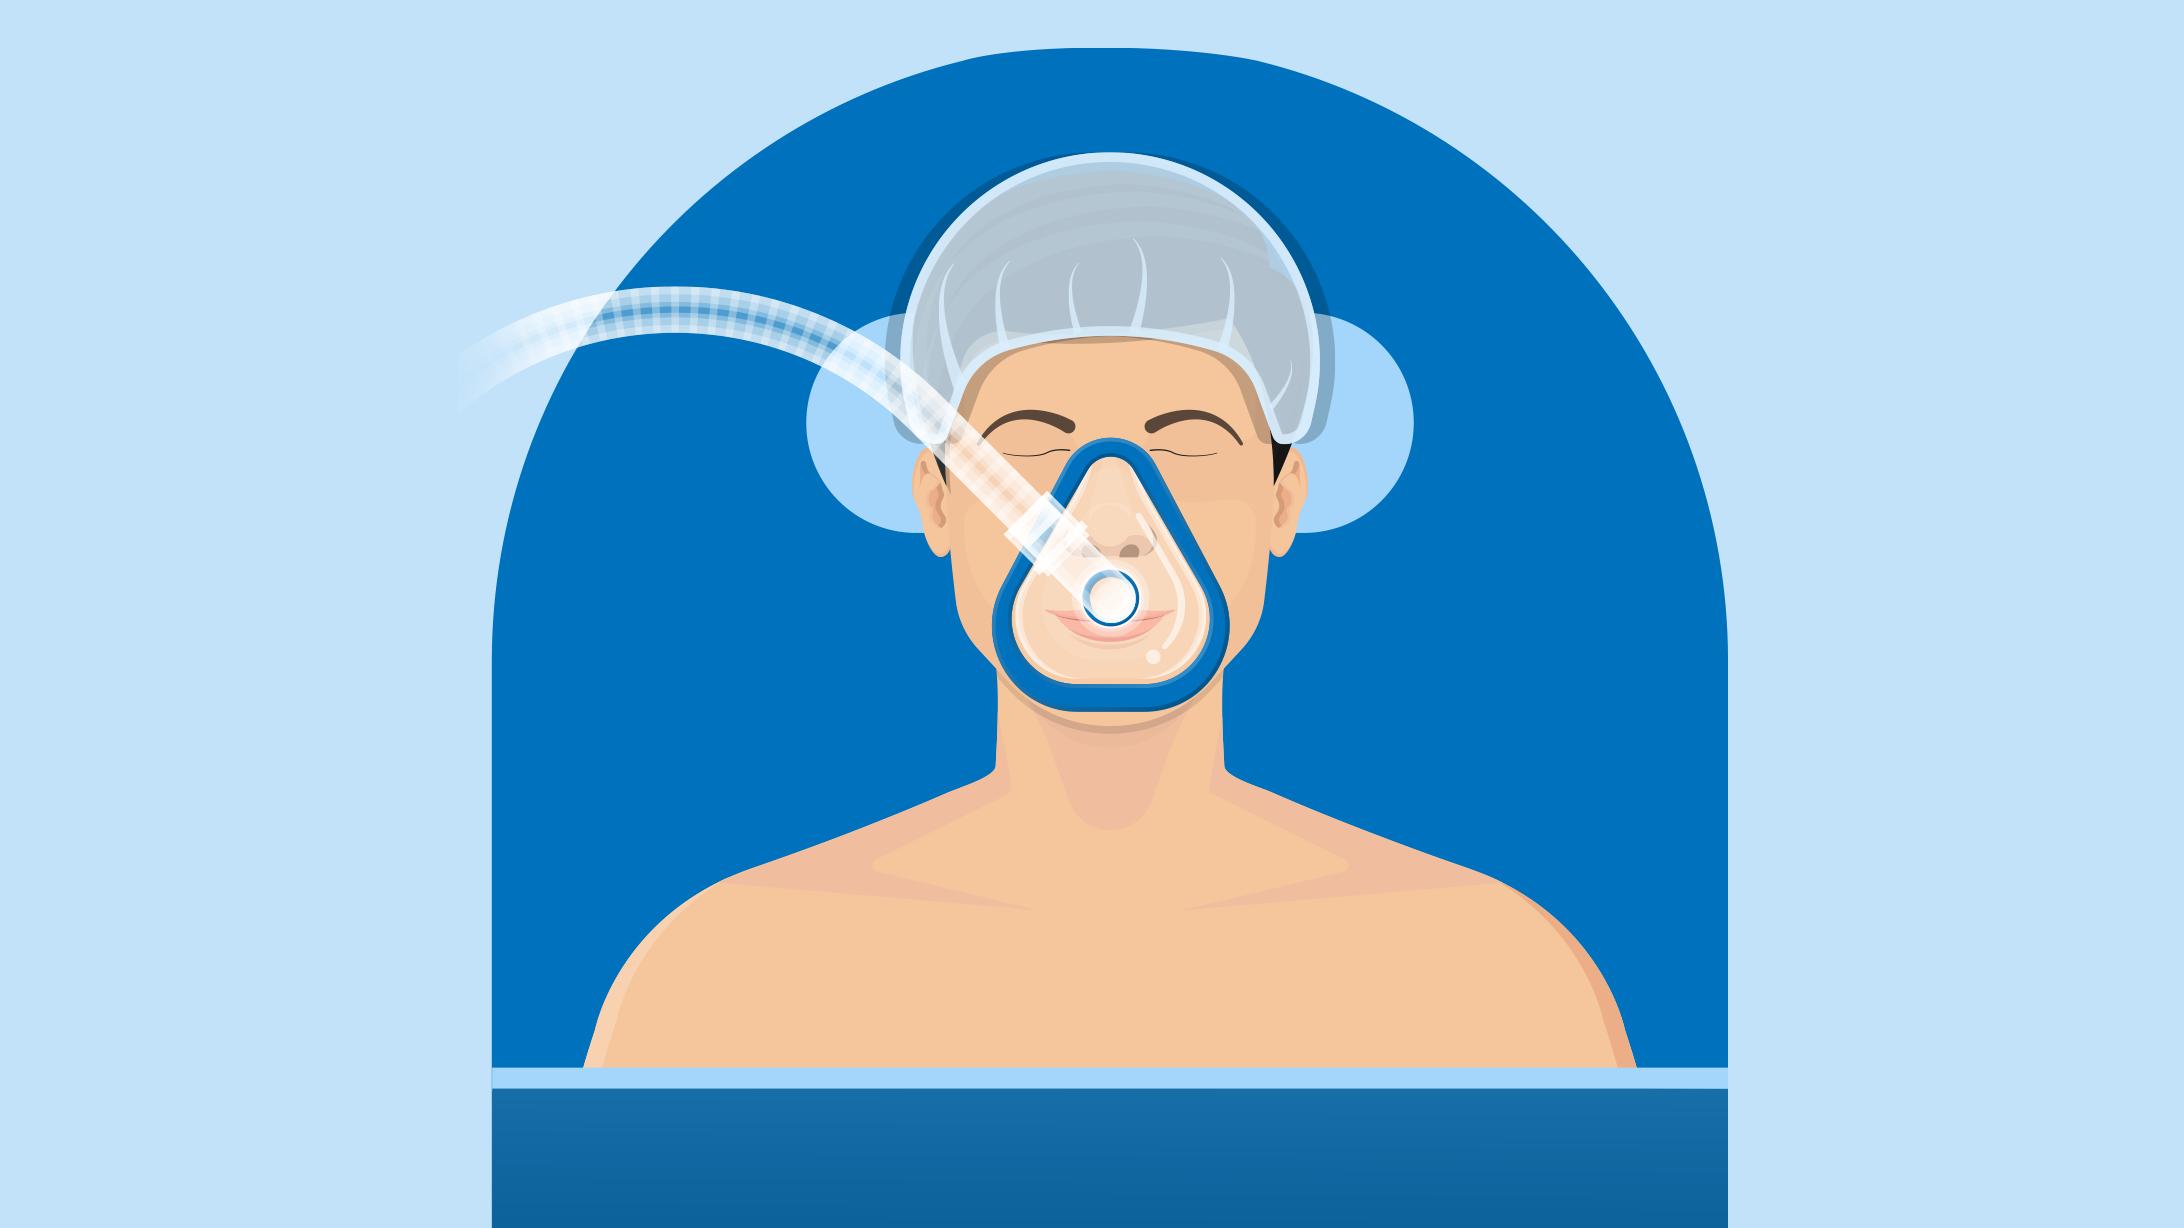 Gezeichnete Illustration: jemand liegt mit einer Atemmaske in Narkose im Operationssaal.